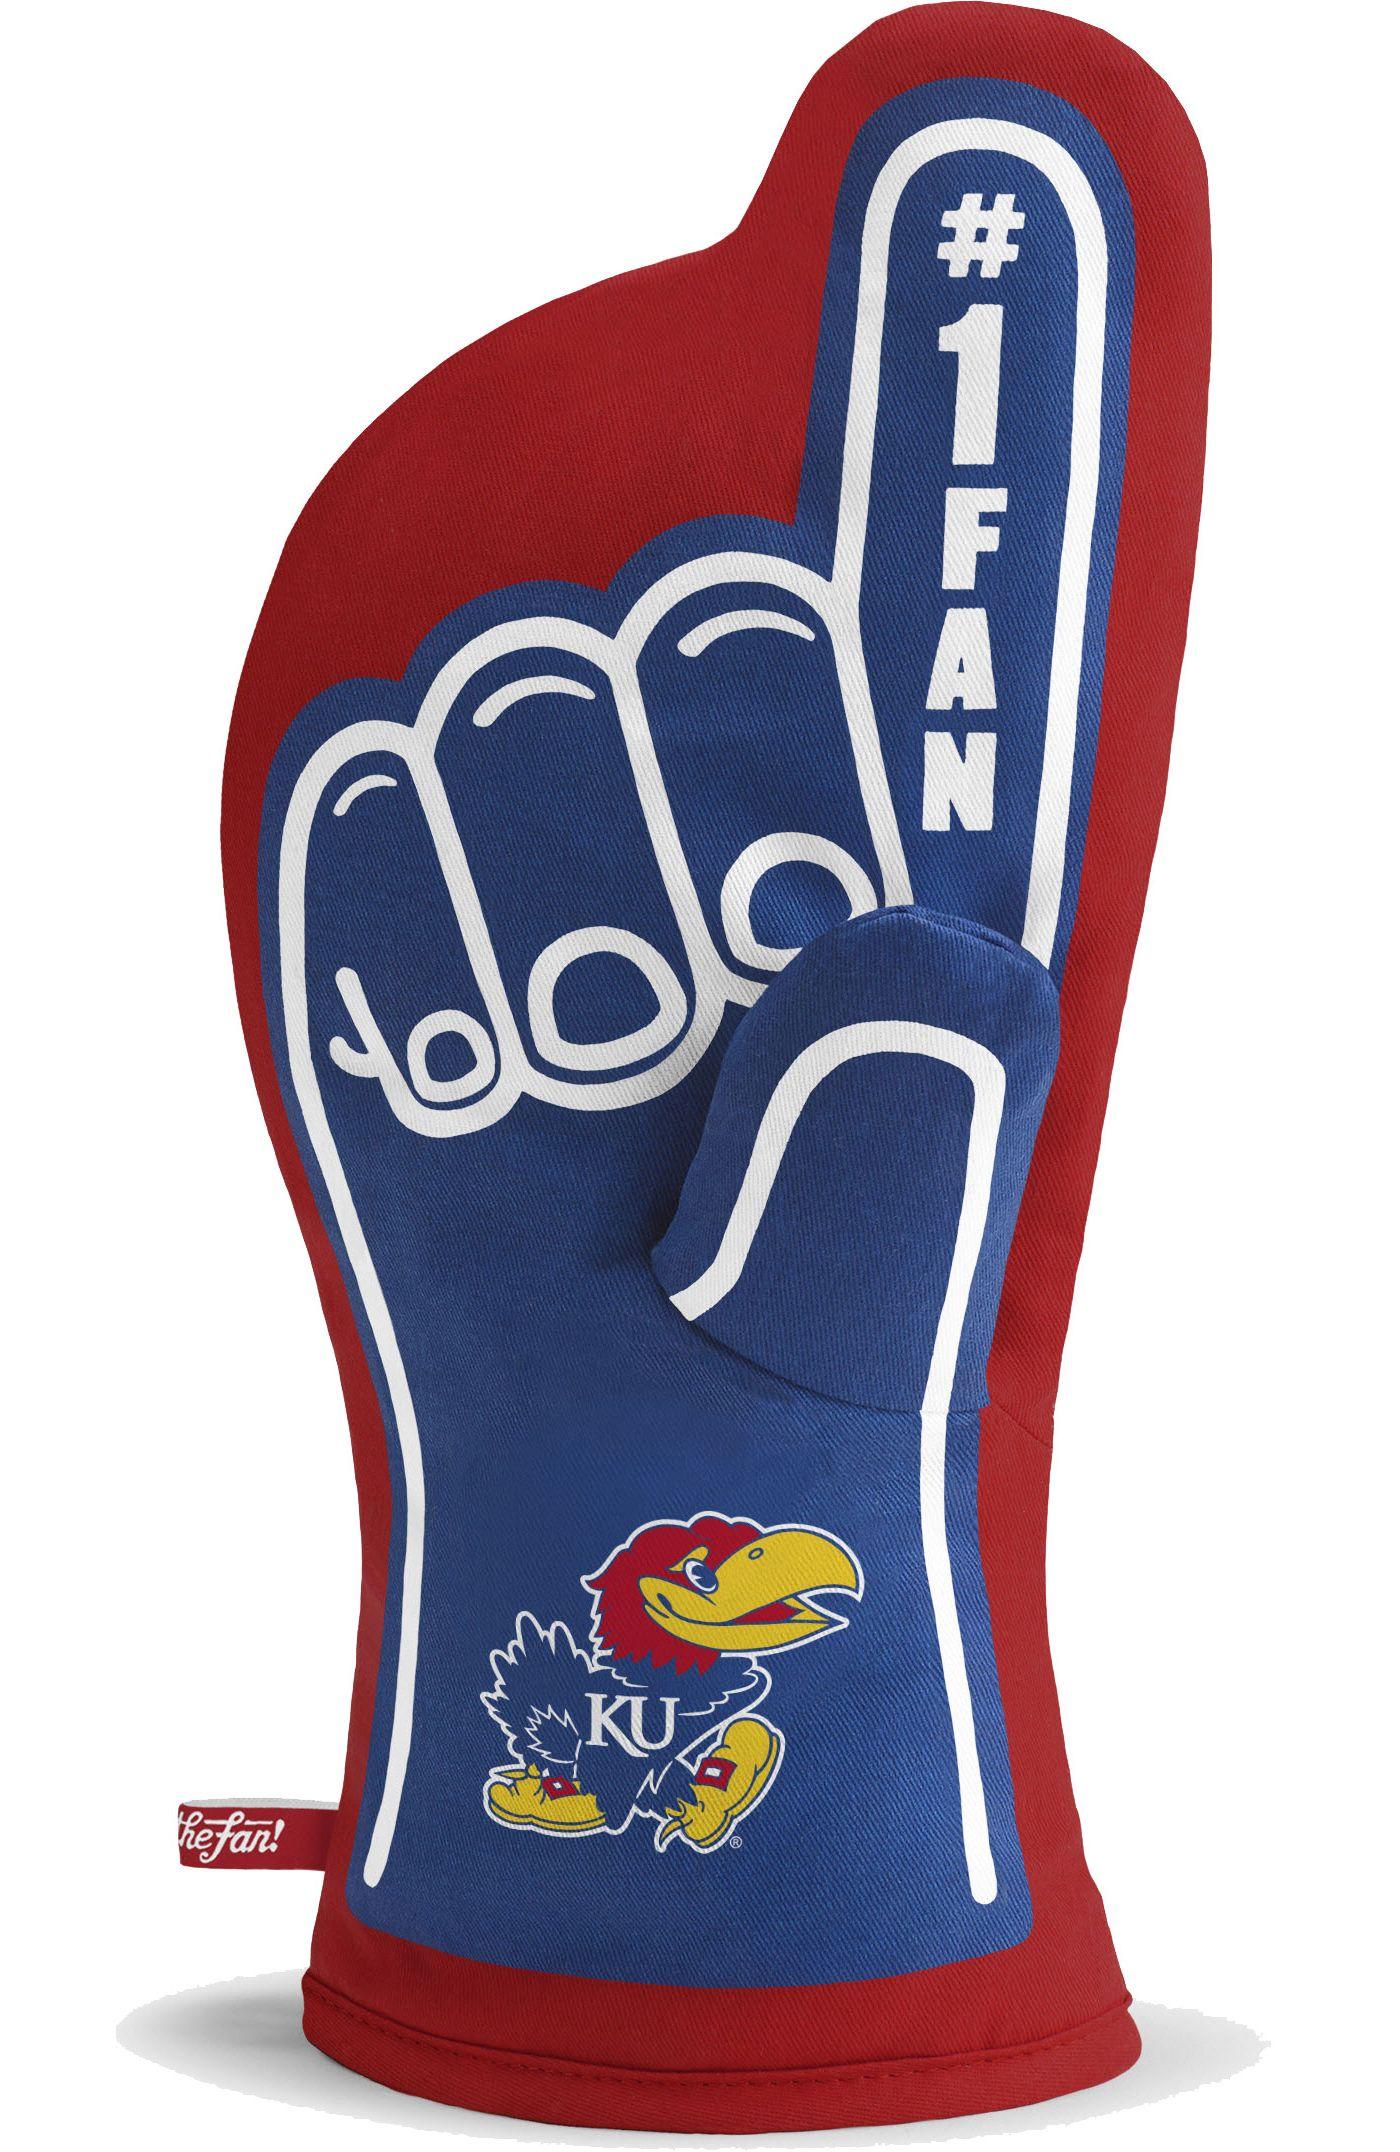 You The Fan Kentucky Wildcats #1 Oven Mitt